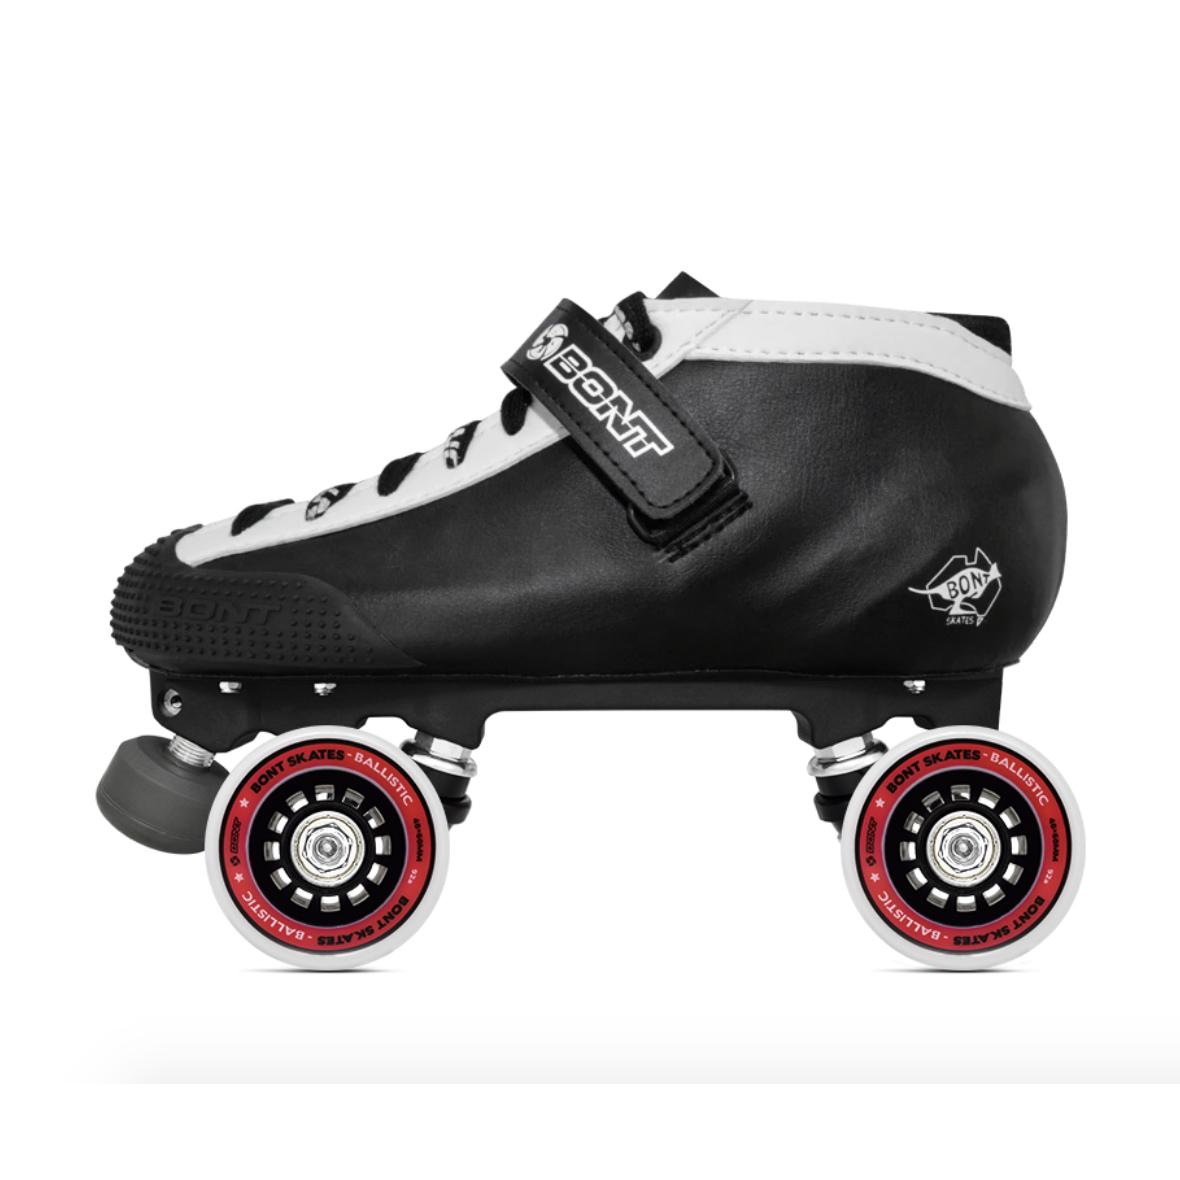 Bont Hybrid Roller Derby Skates